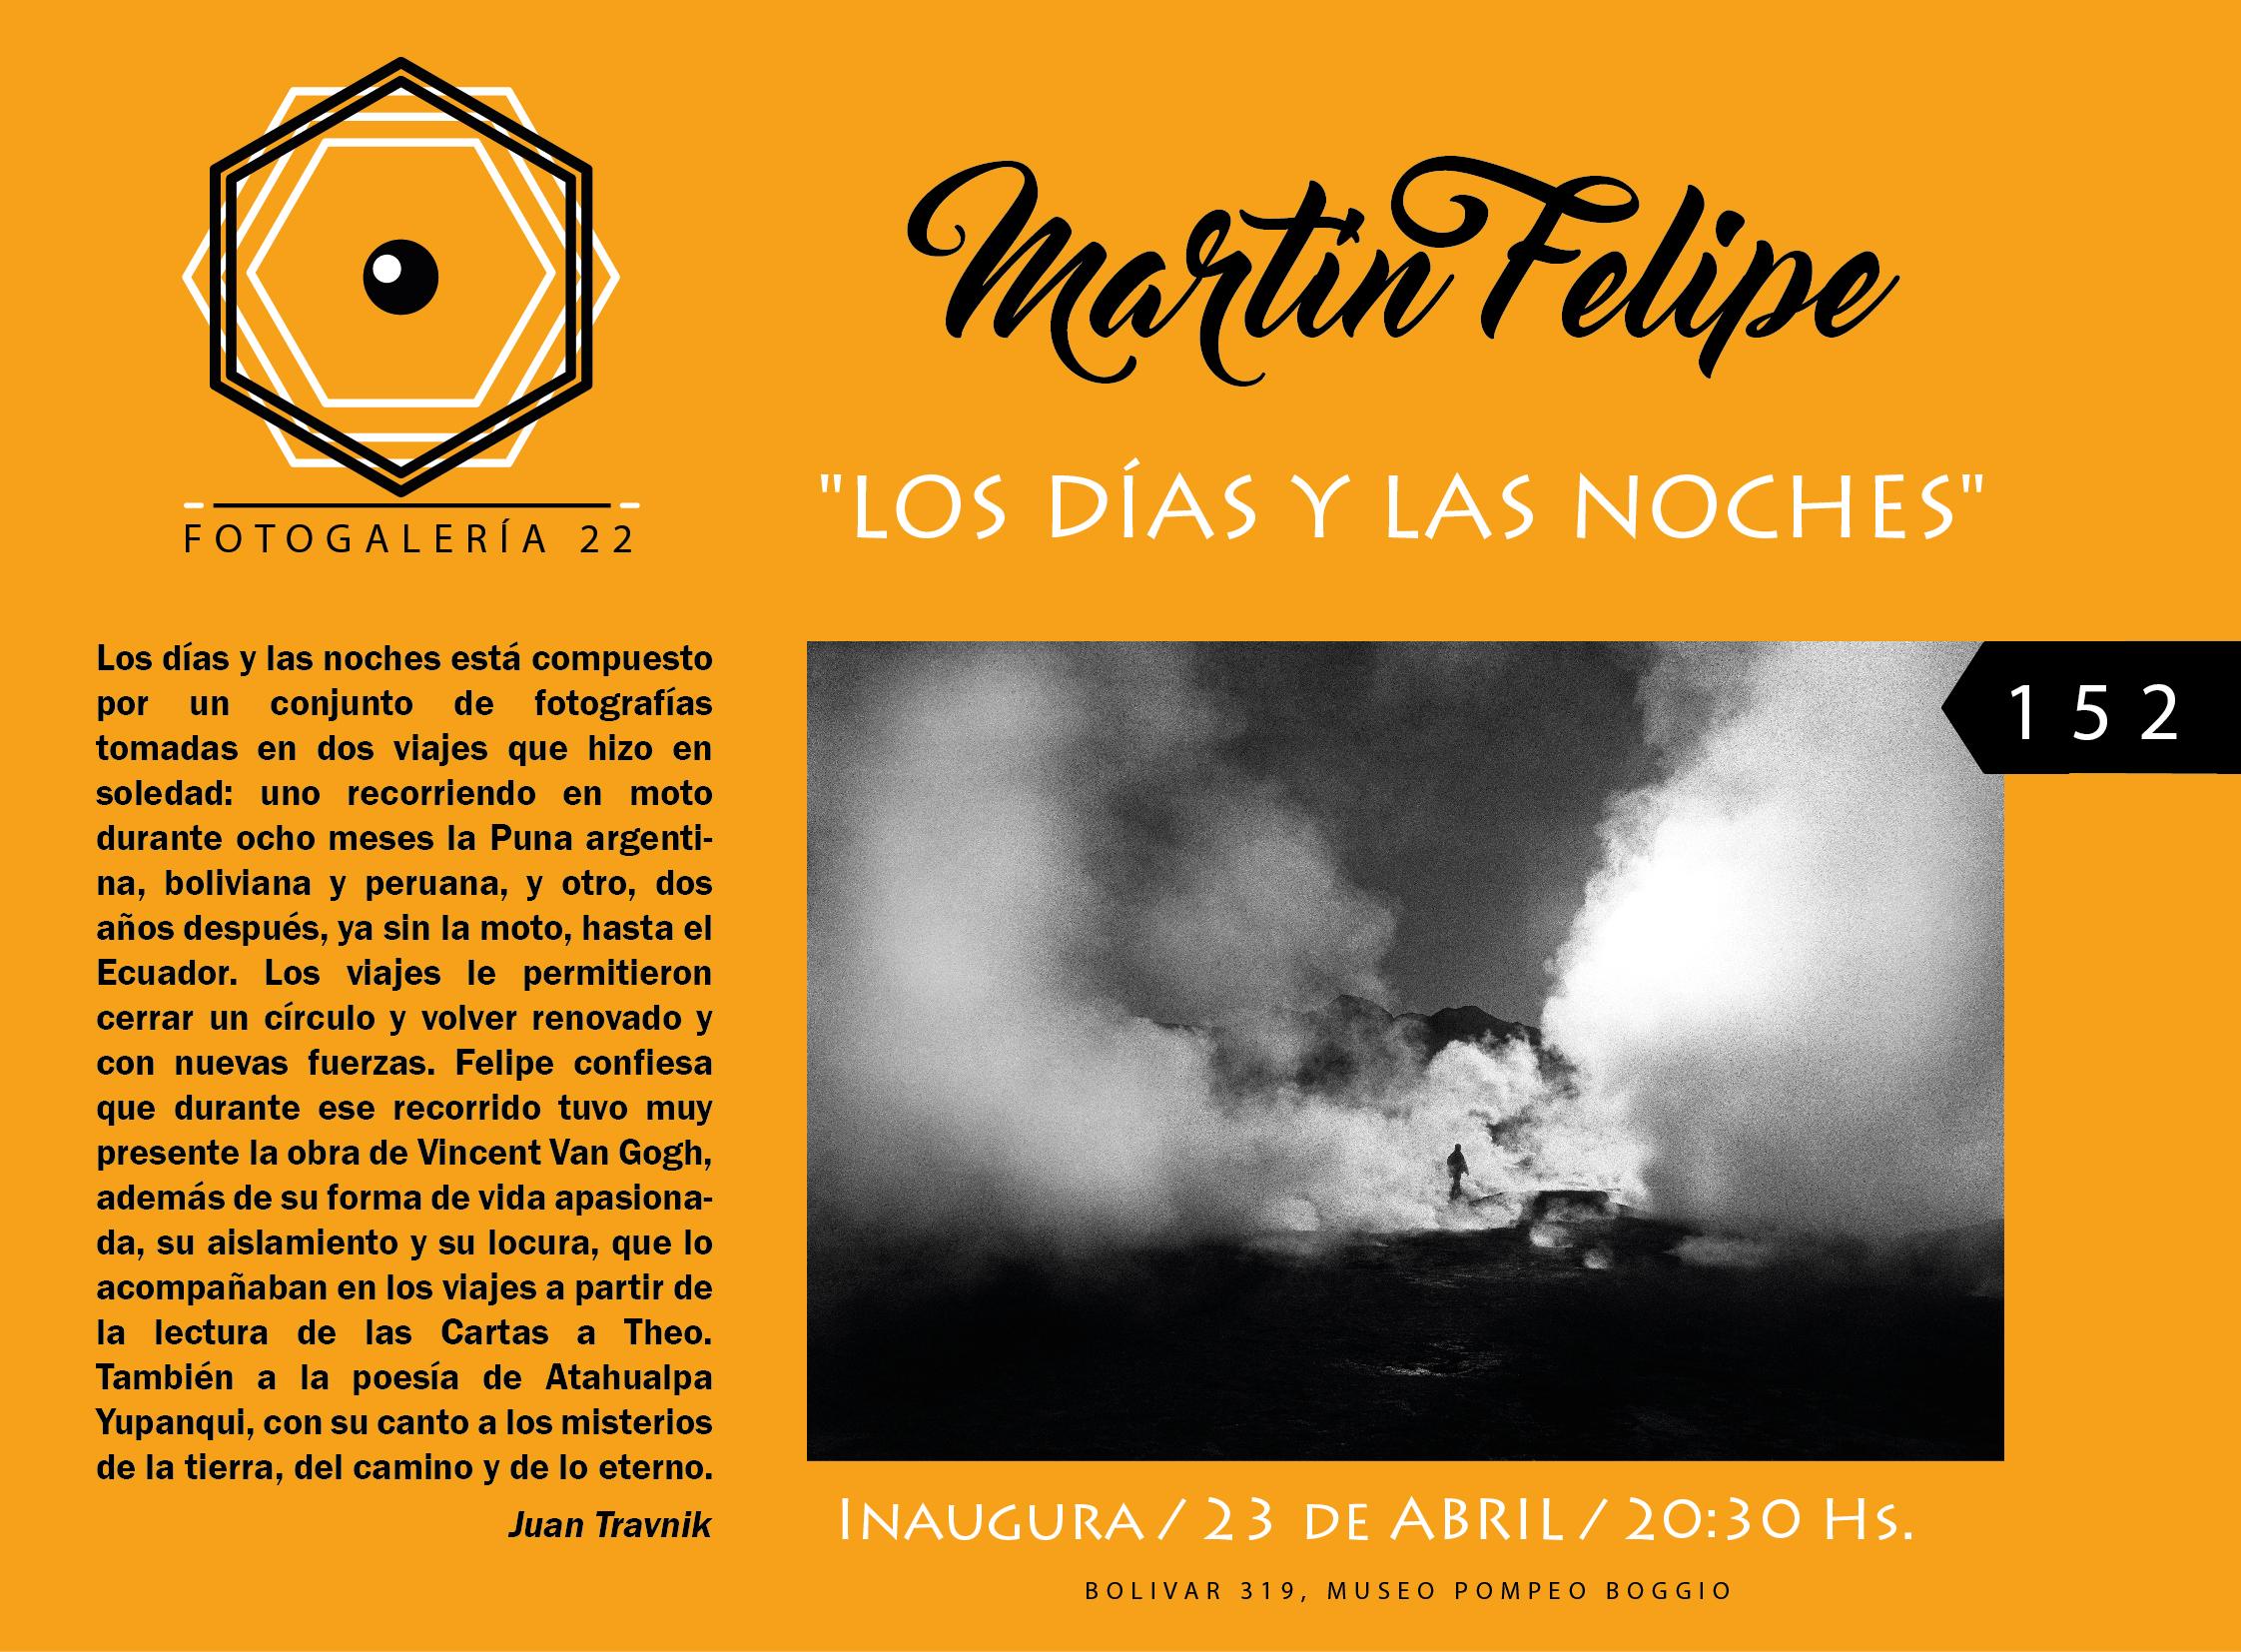 Noticias_chivilcoy_invitación fotogalería